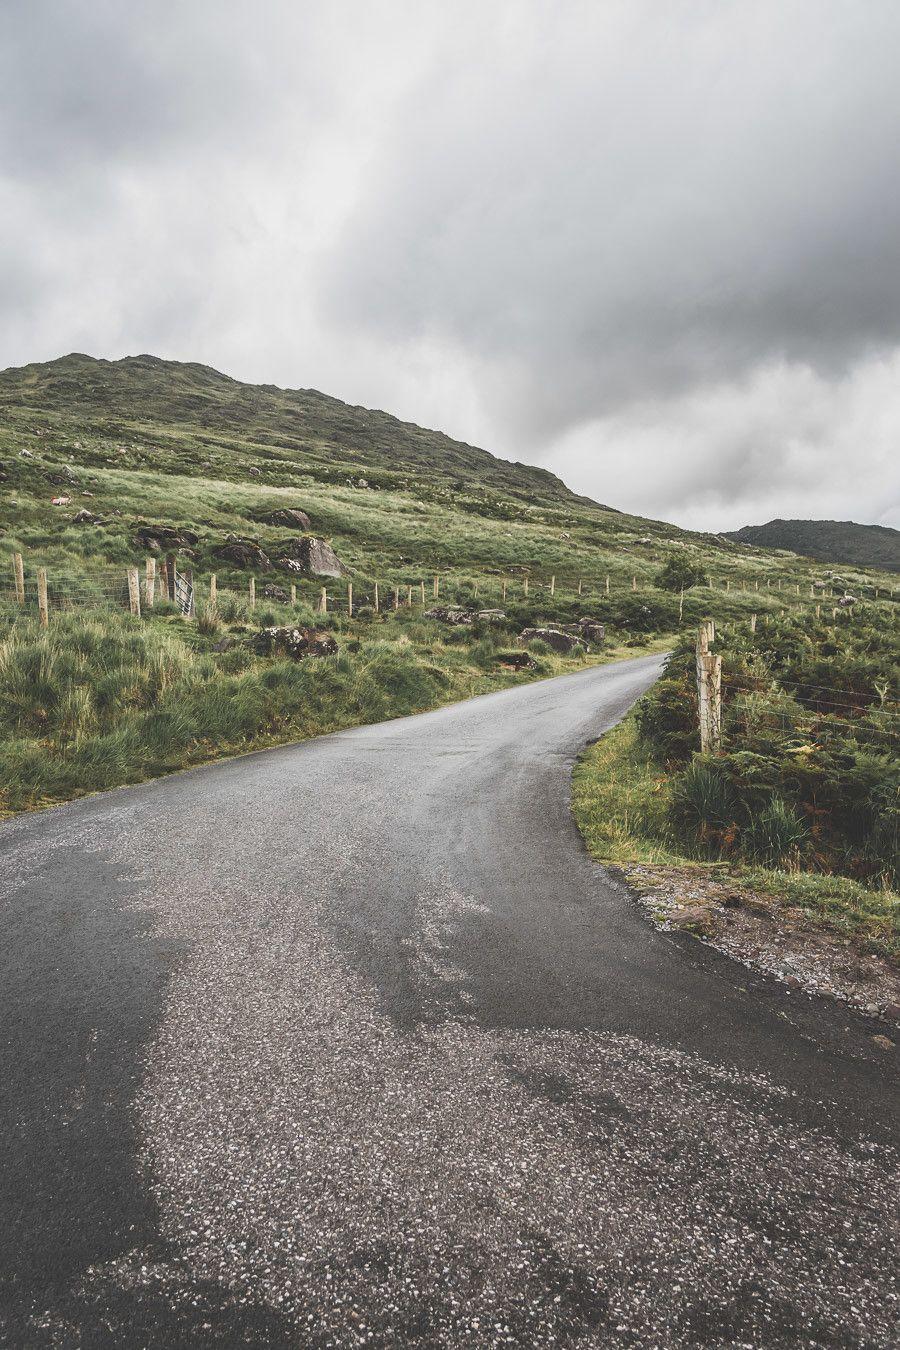 Les routes Irlandaises sinueuses